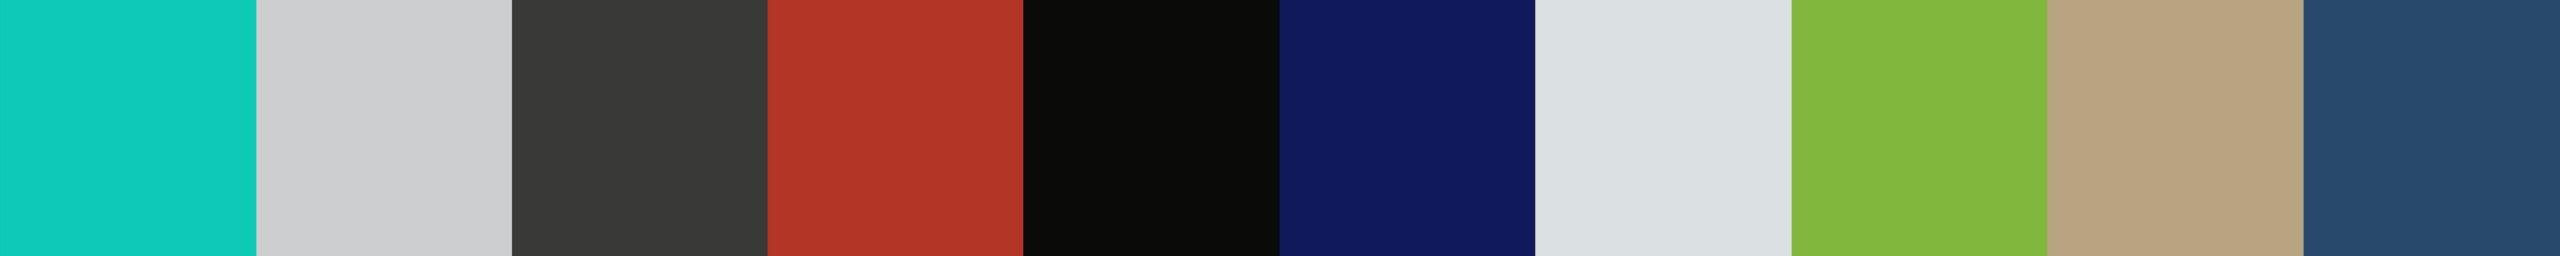 142 Perfita Color Palette